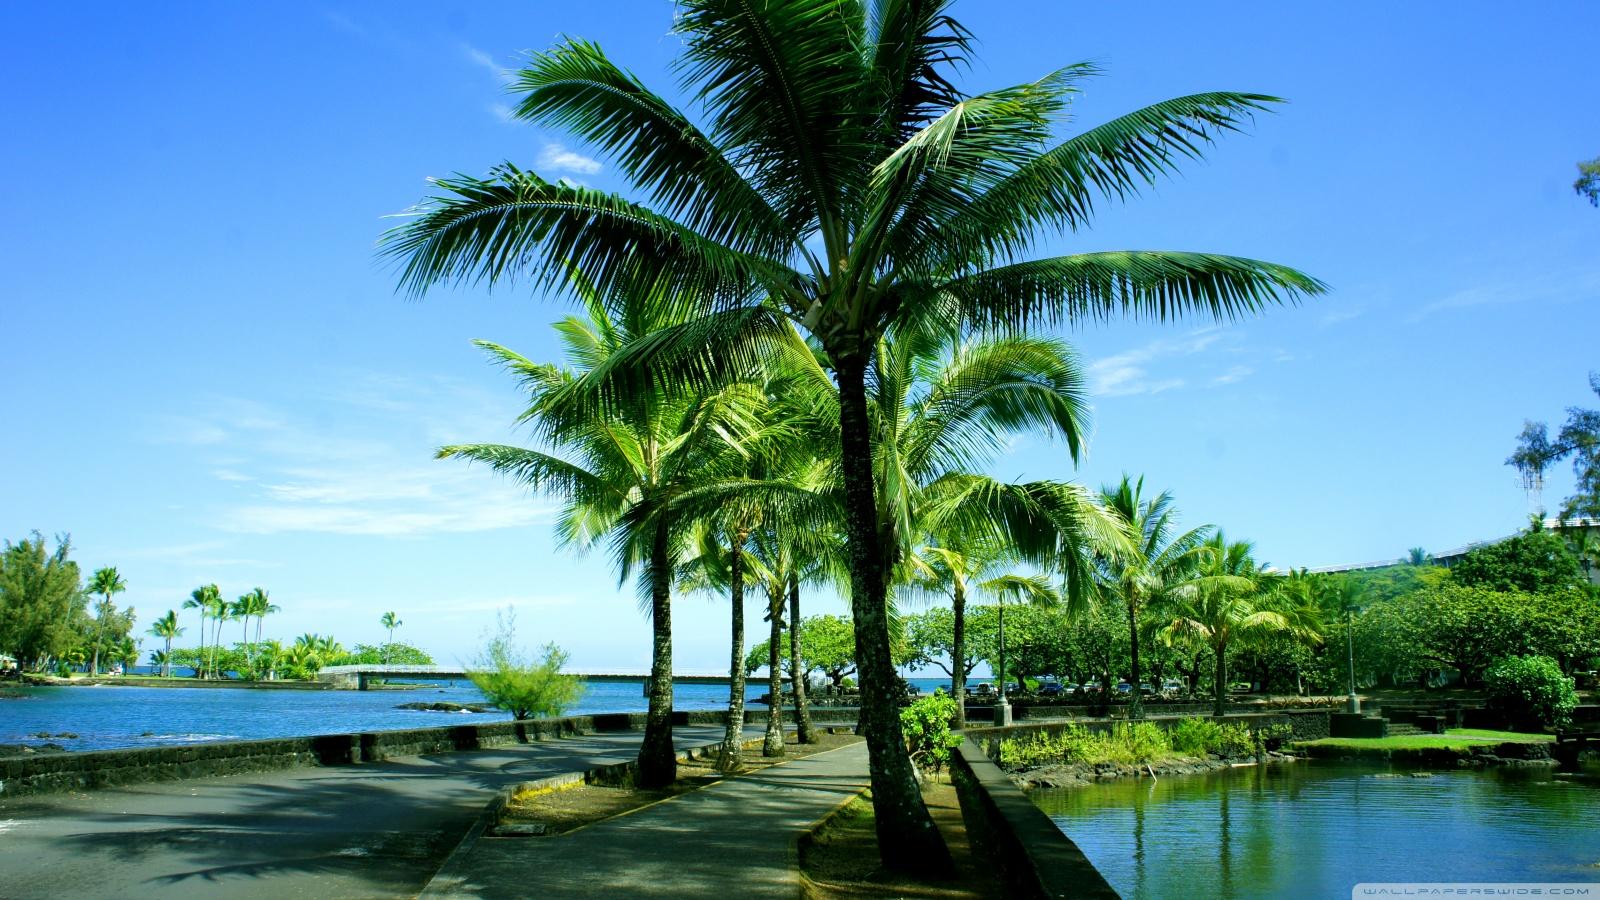 Landscape Desktop HD Wallpapers   Hawaii HD WALLPAPERS 1600x900